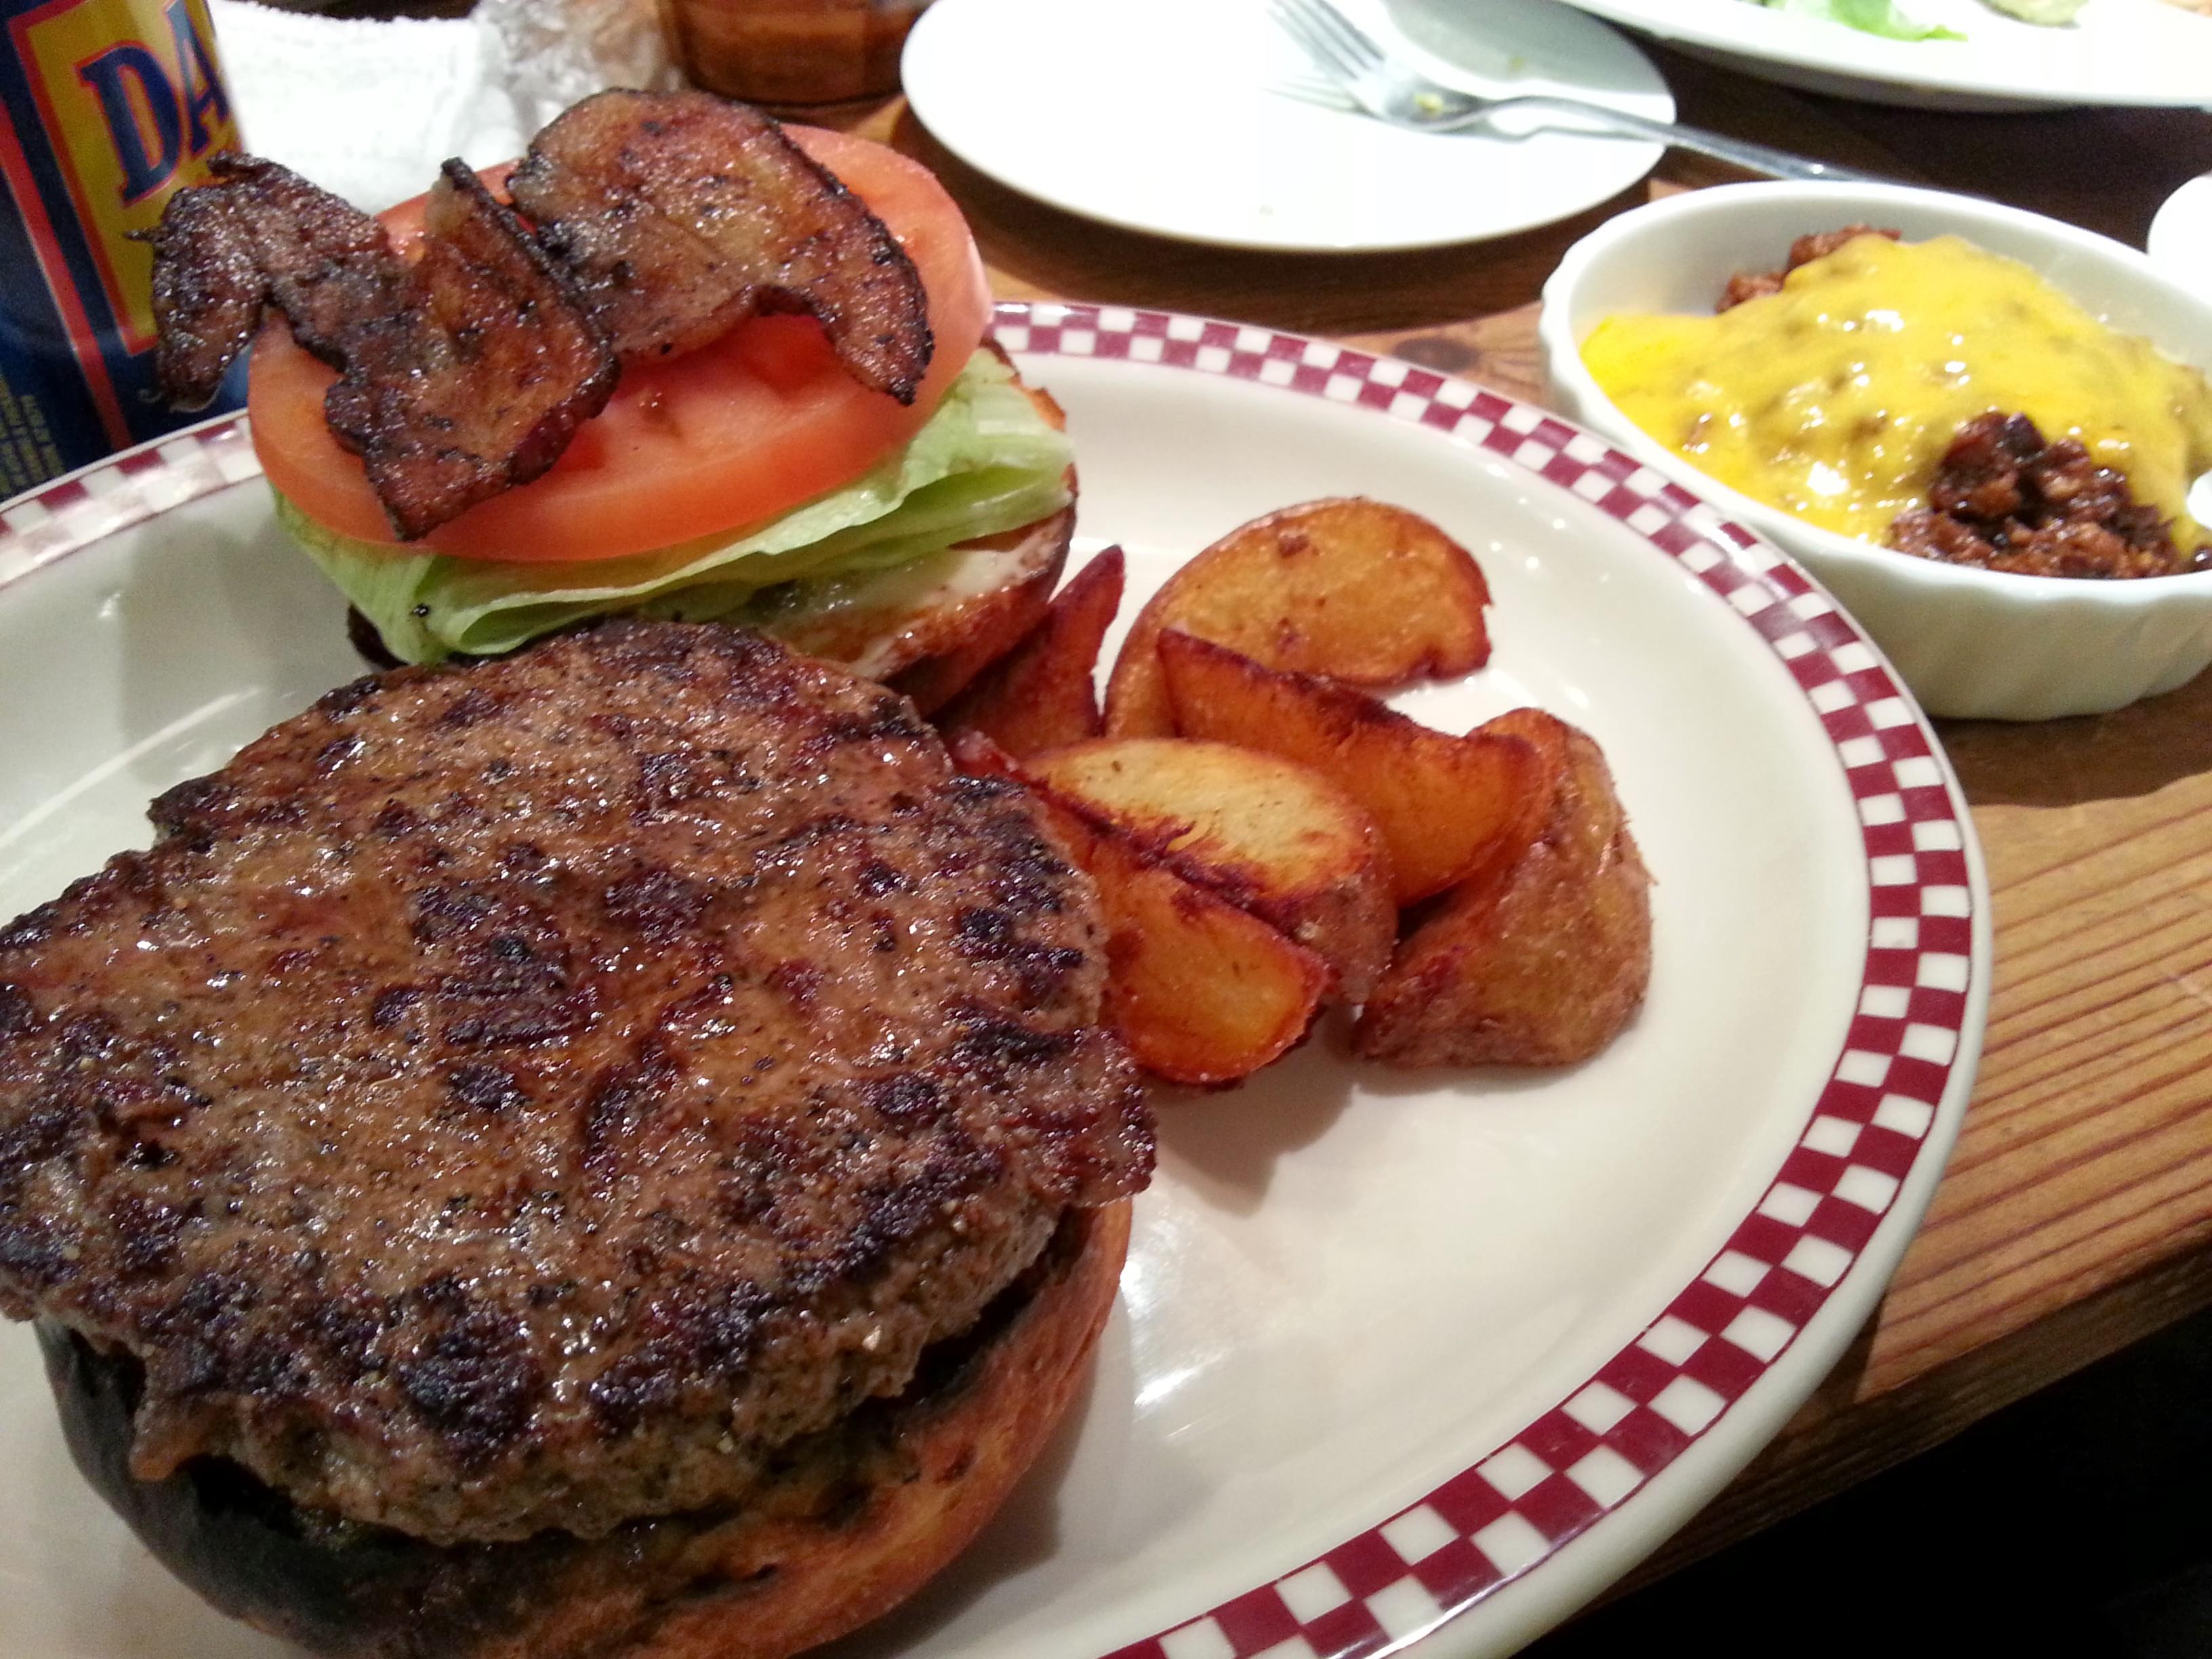 Munch's Burger Shack